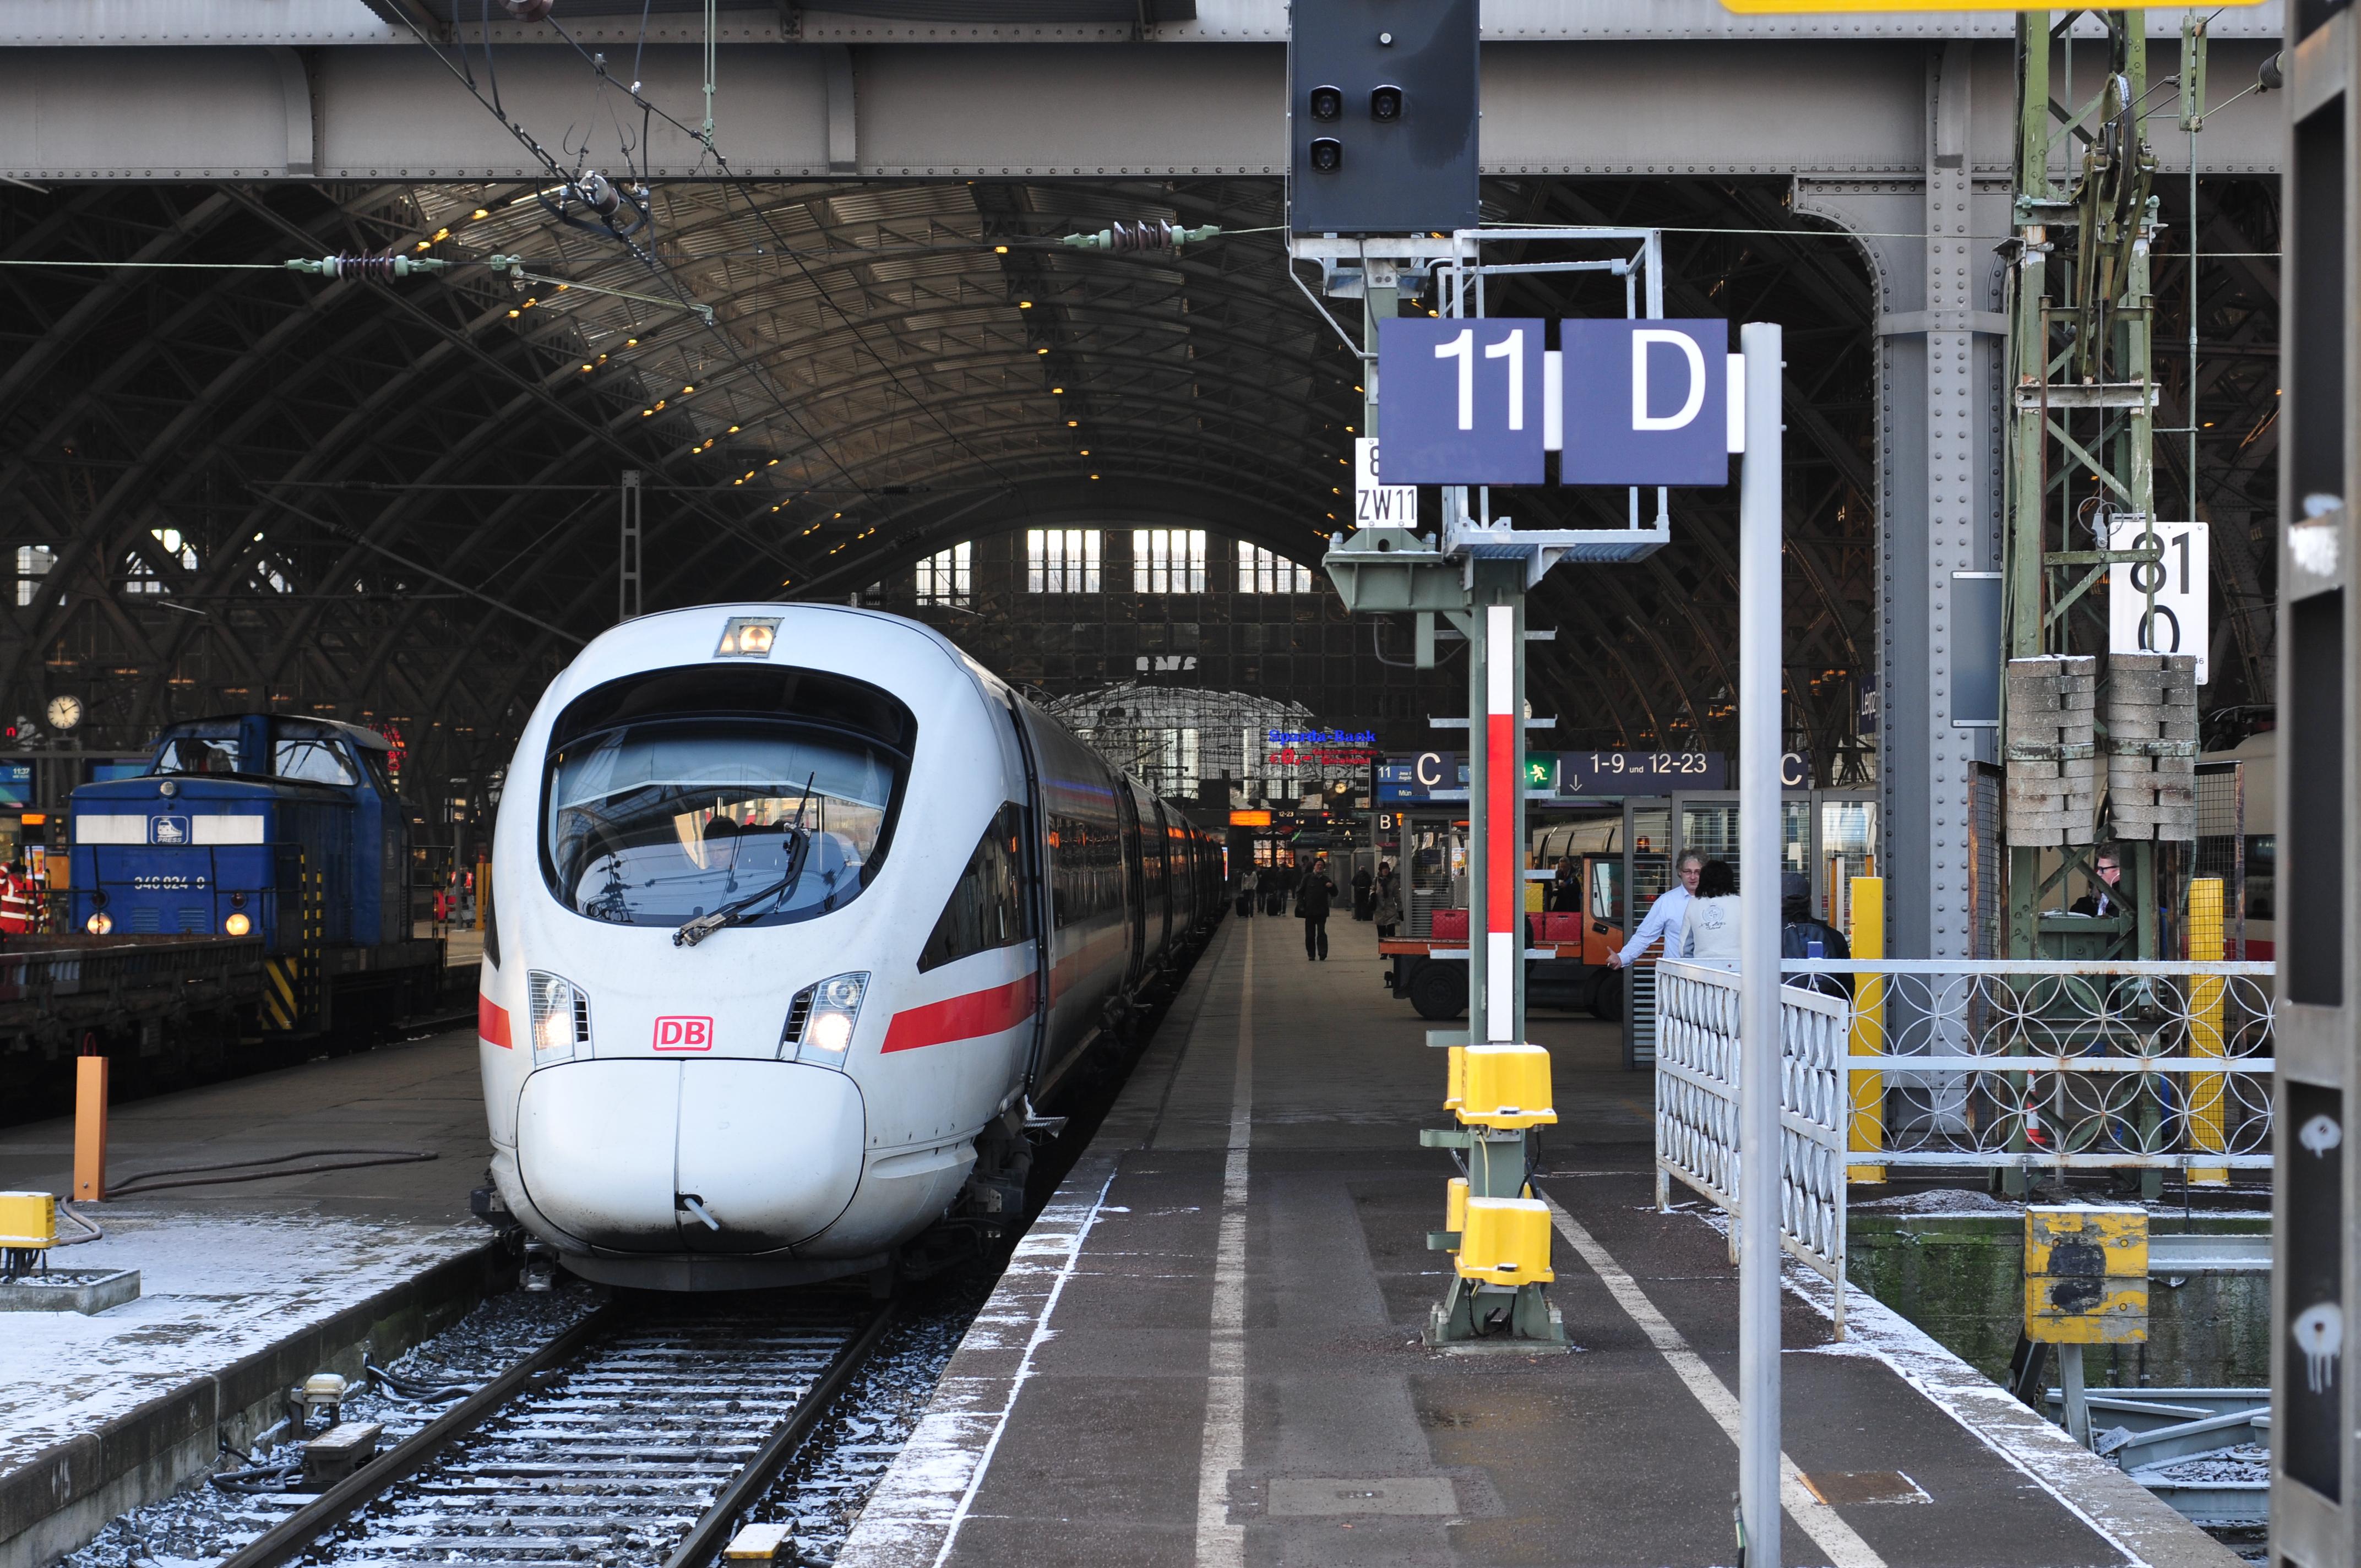 13-01-15-leipzig-hauptbahnhof-by-RalfR-02.jpg